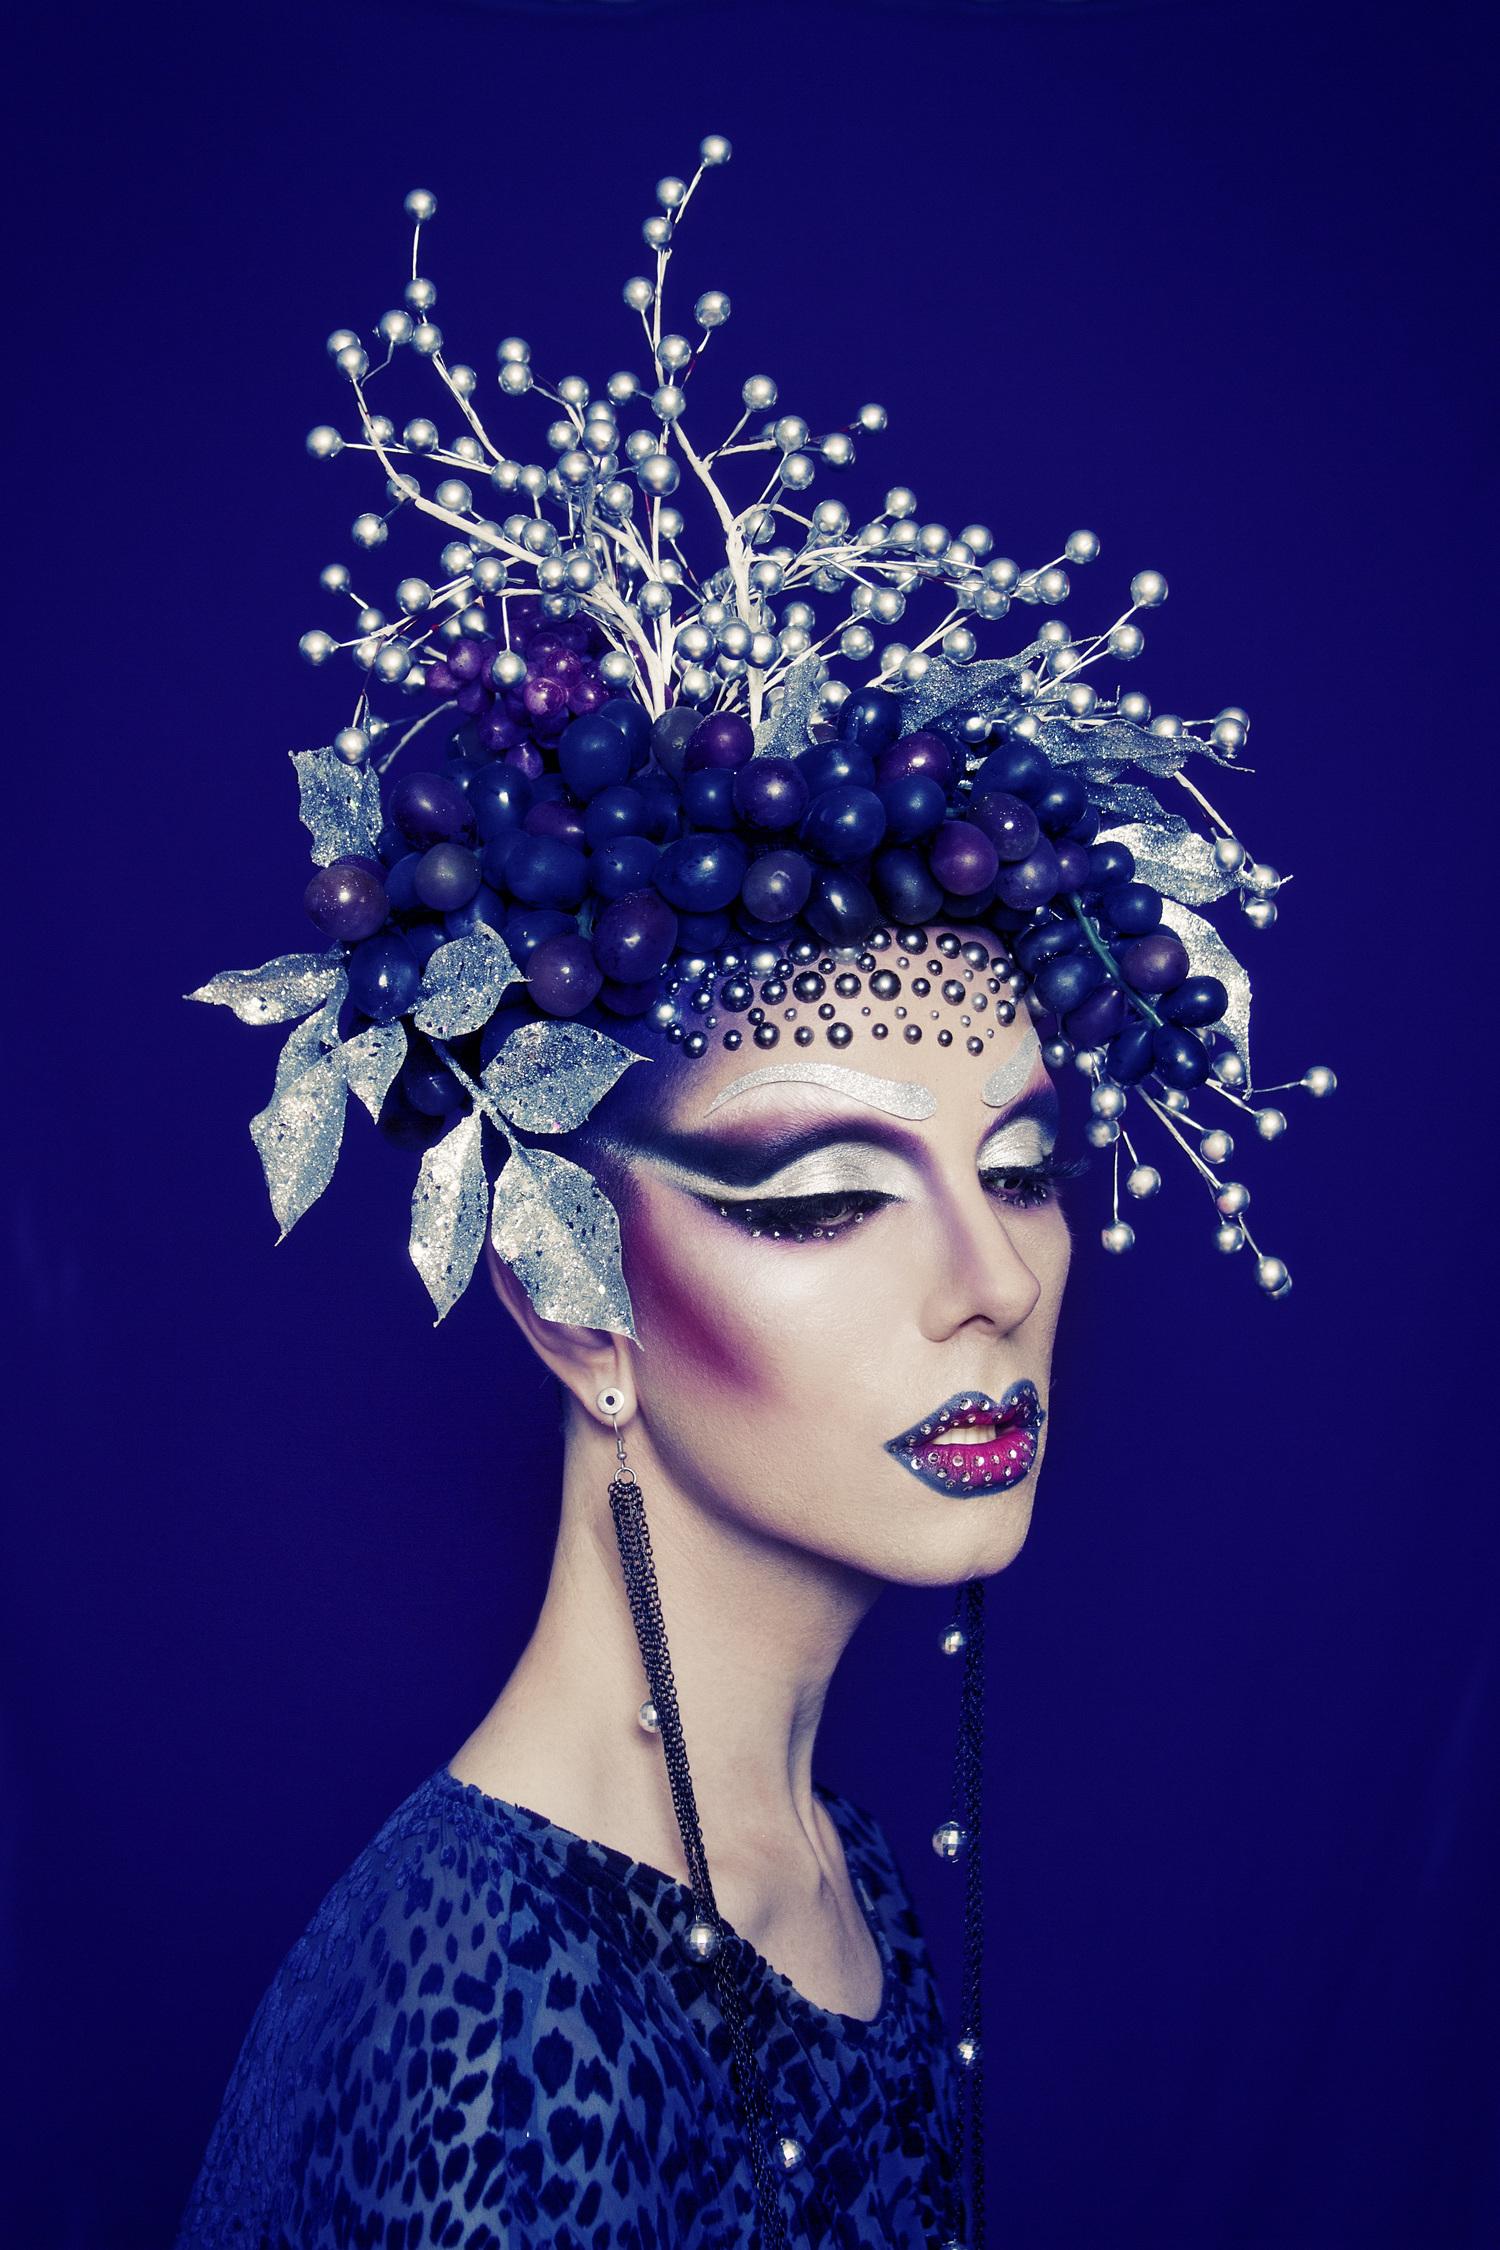 С помощью косметики фотограф создает невероятные вещи